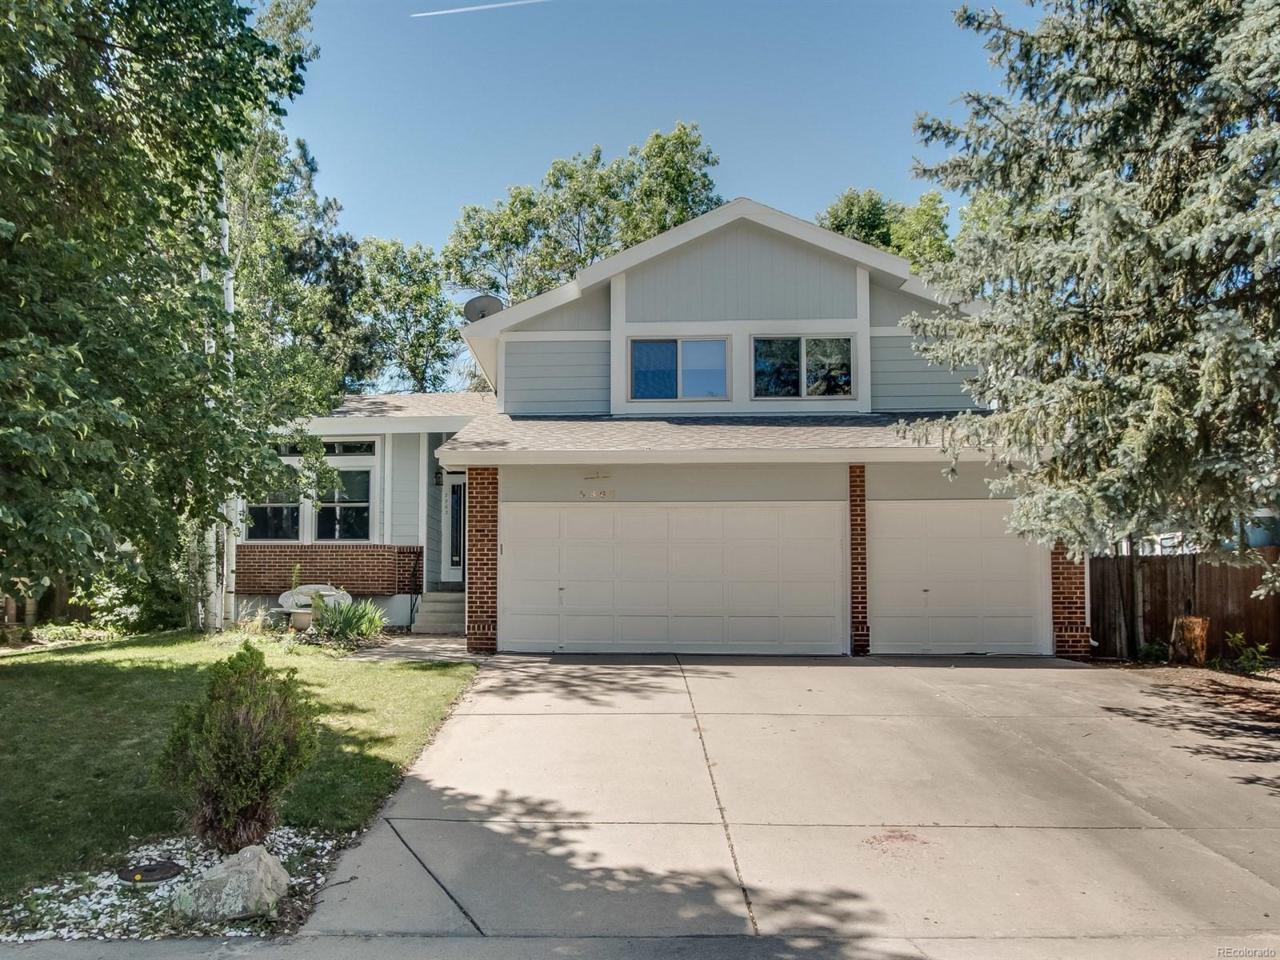 3963 S Joplin Way, Aurora, CO 80013 (MLS #8264157) :: 8z Real Estate